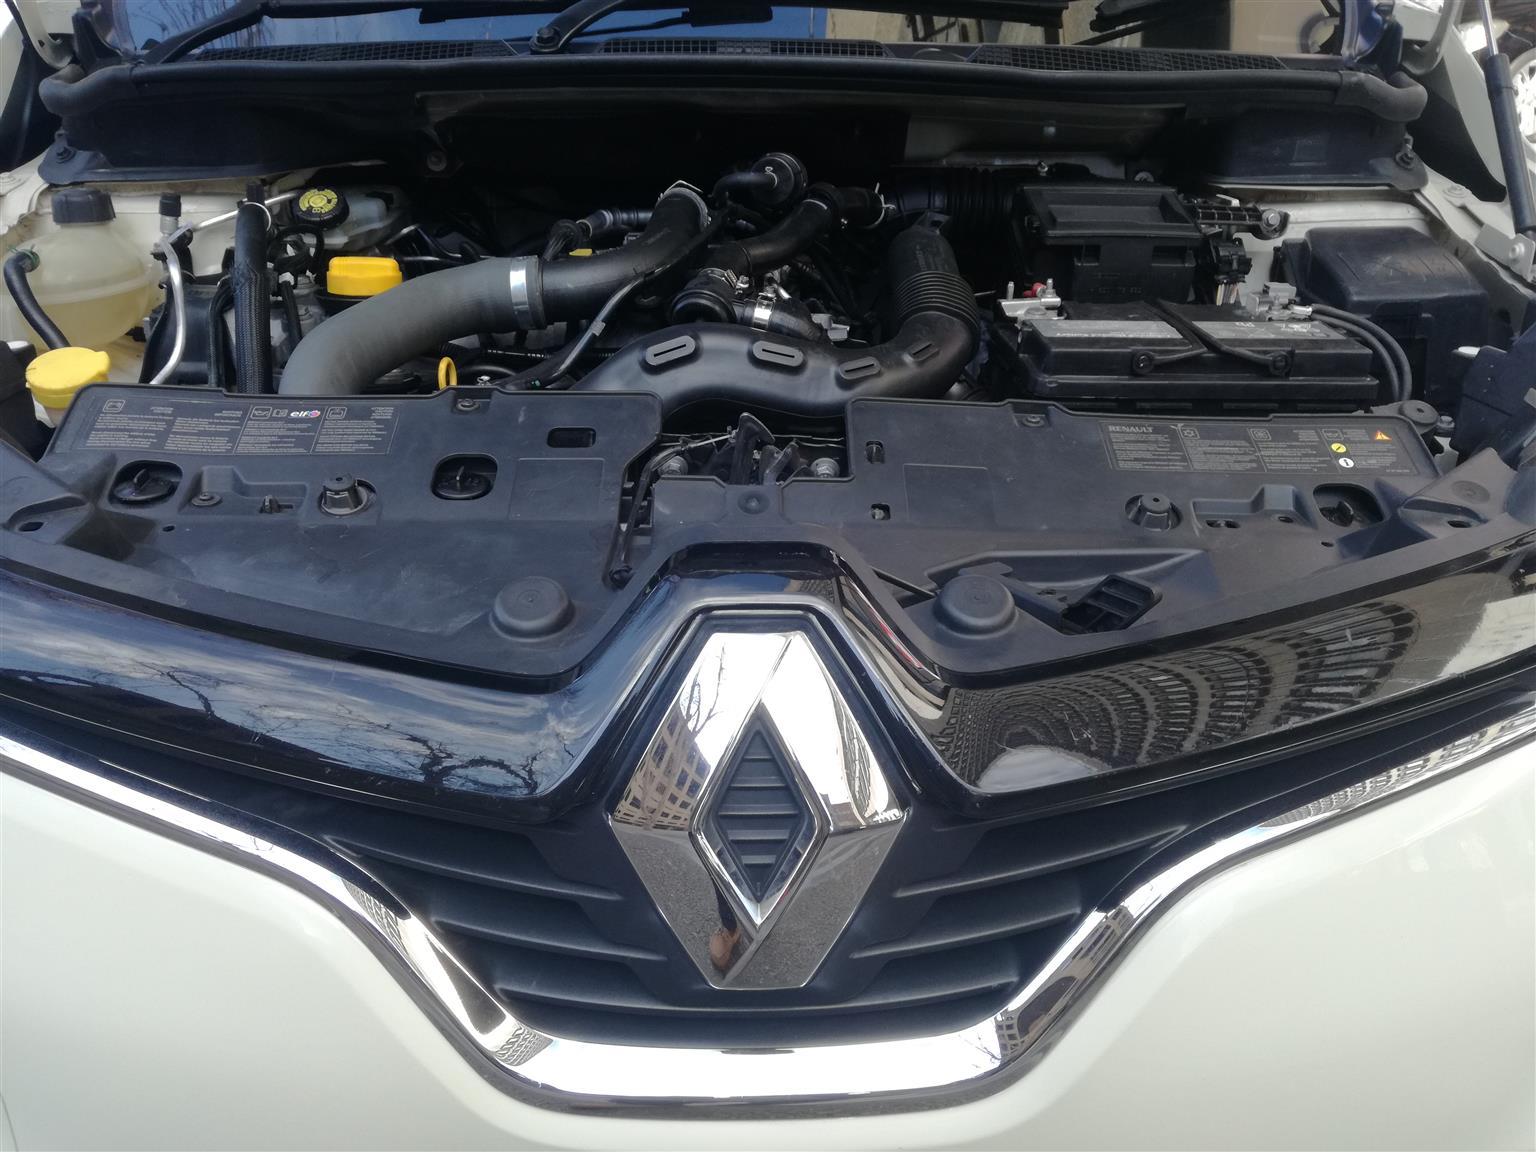 2015 Renault Captur 66kW dCi Dynamique Sunset